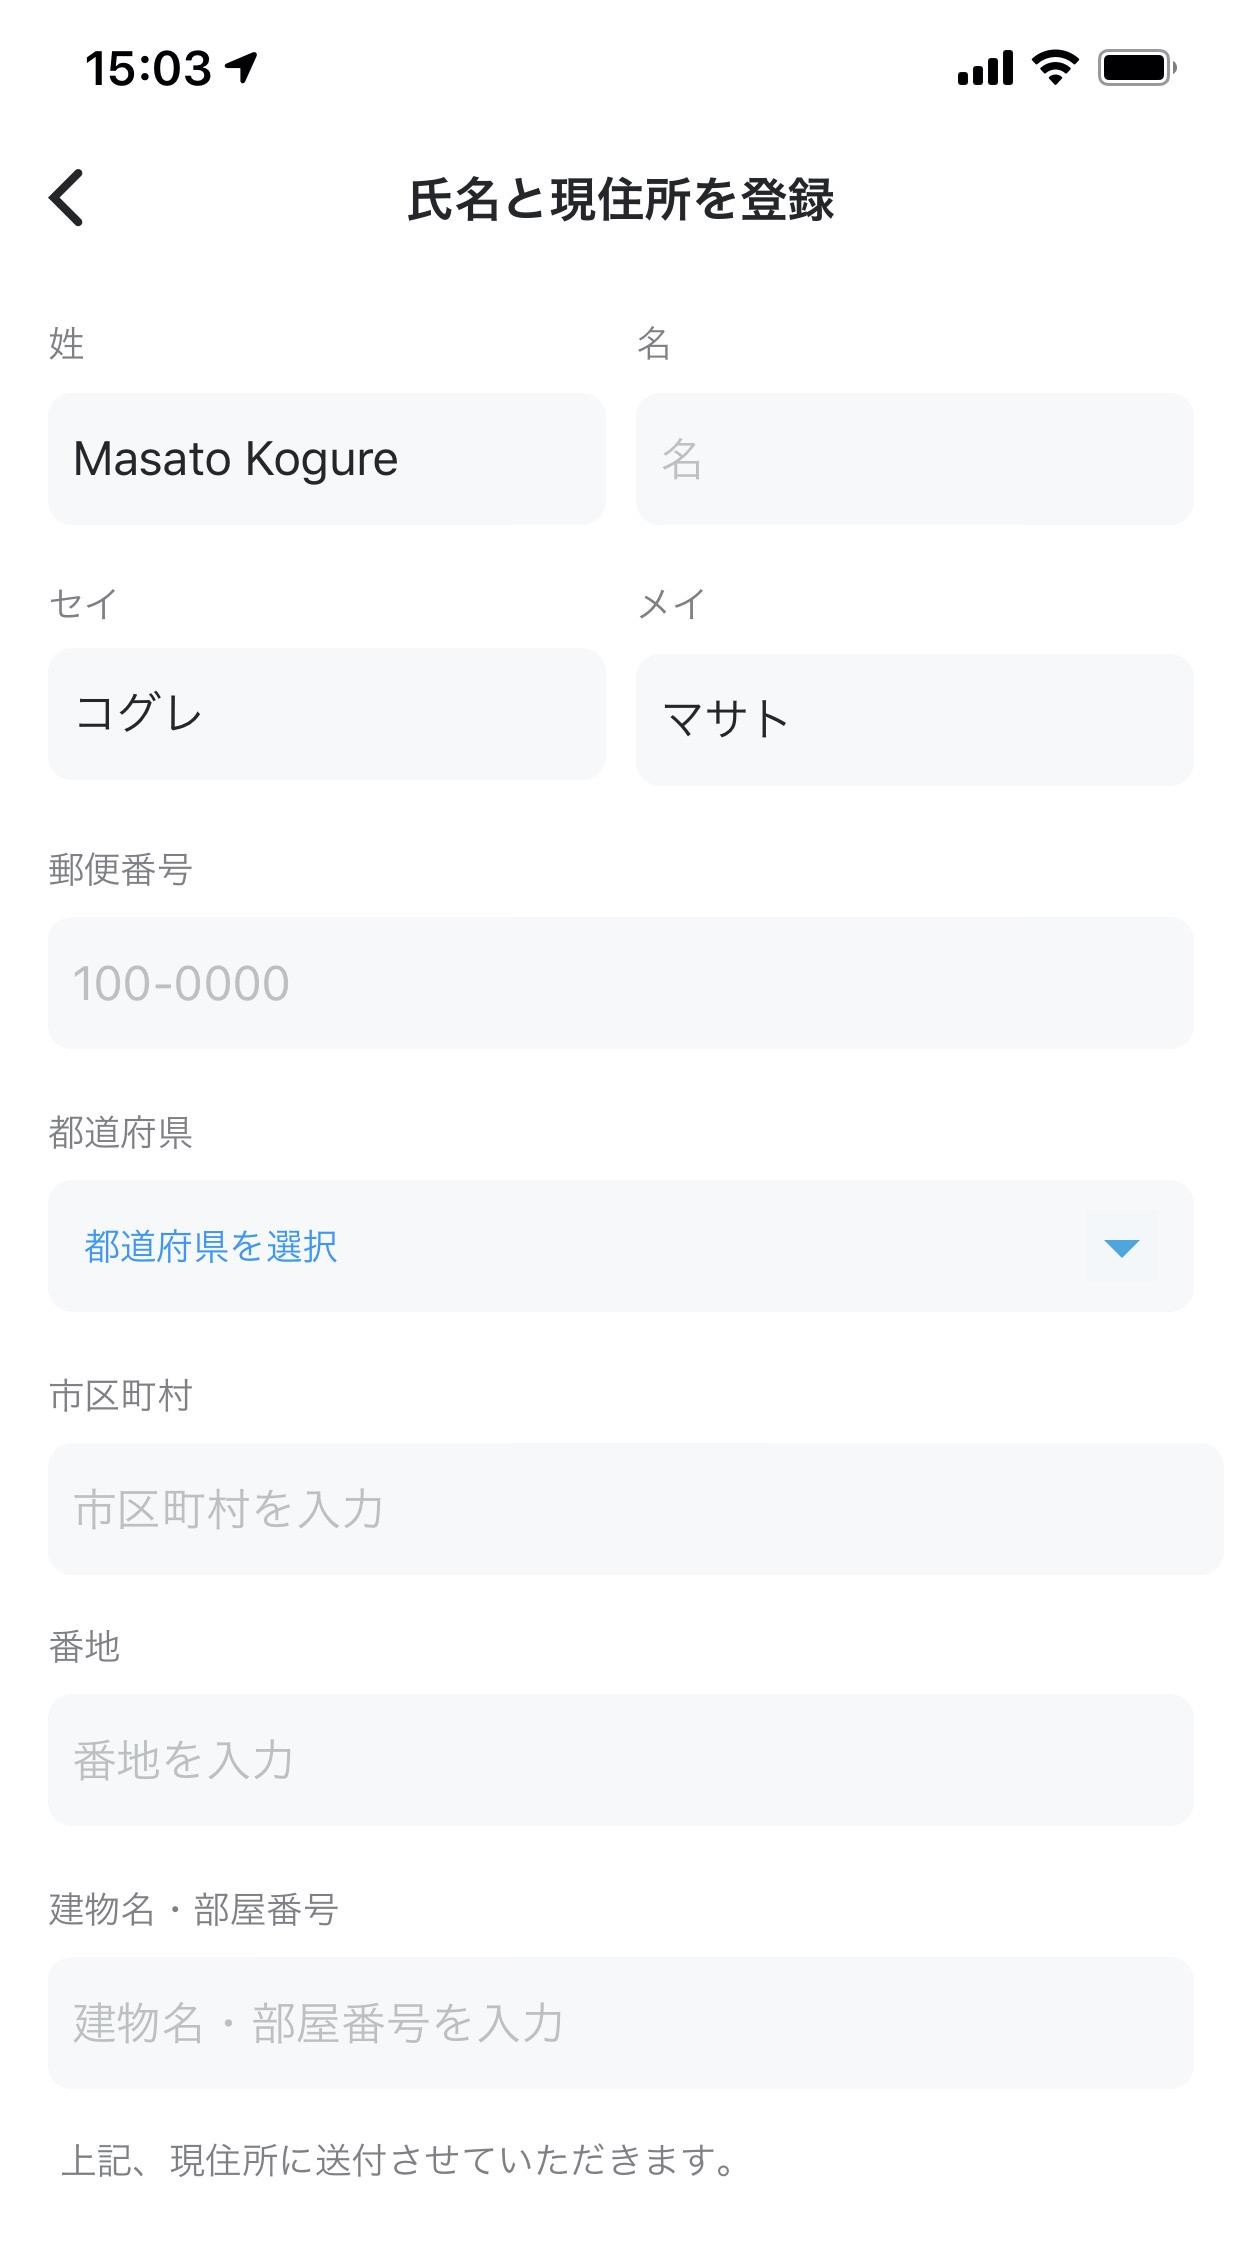 「Kyash Card」を申し込む方法 7